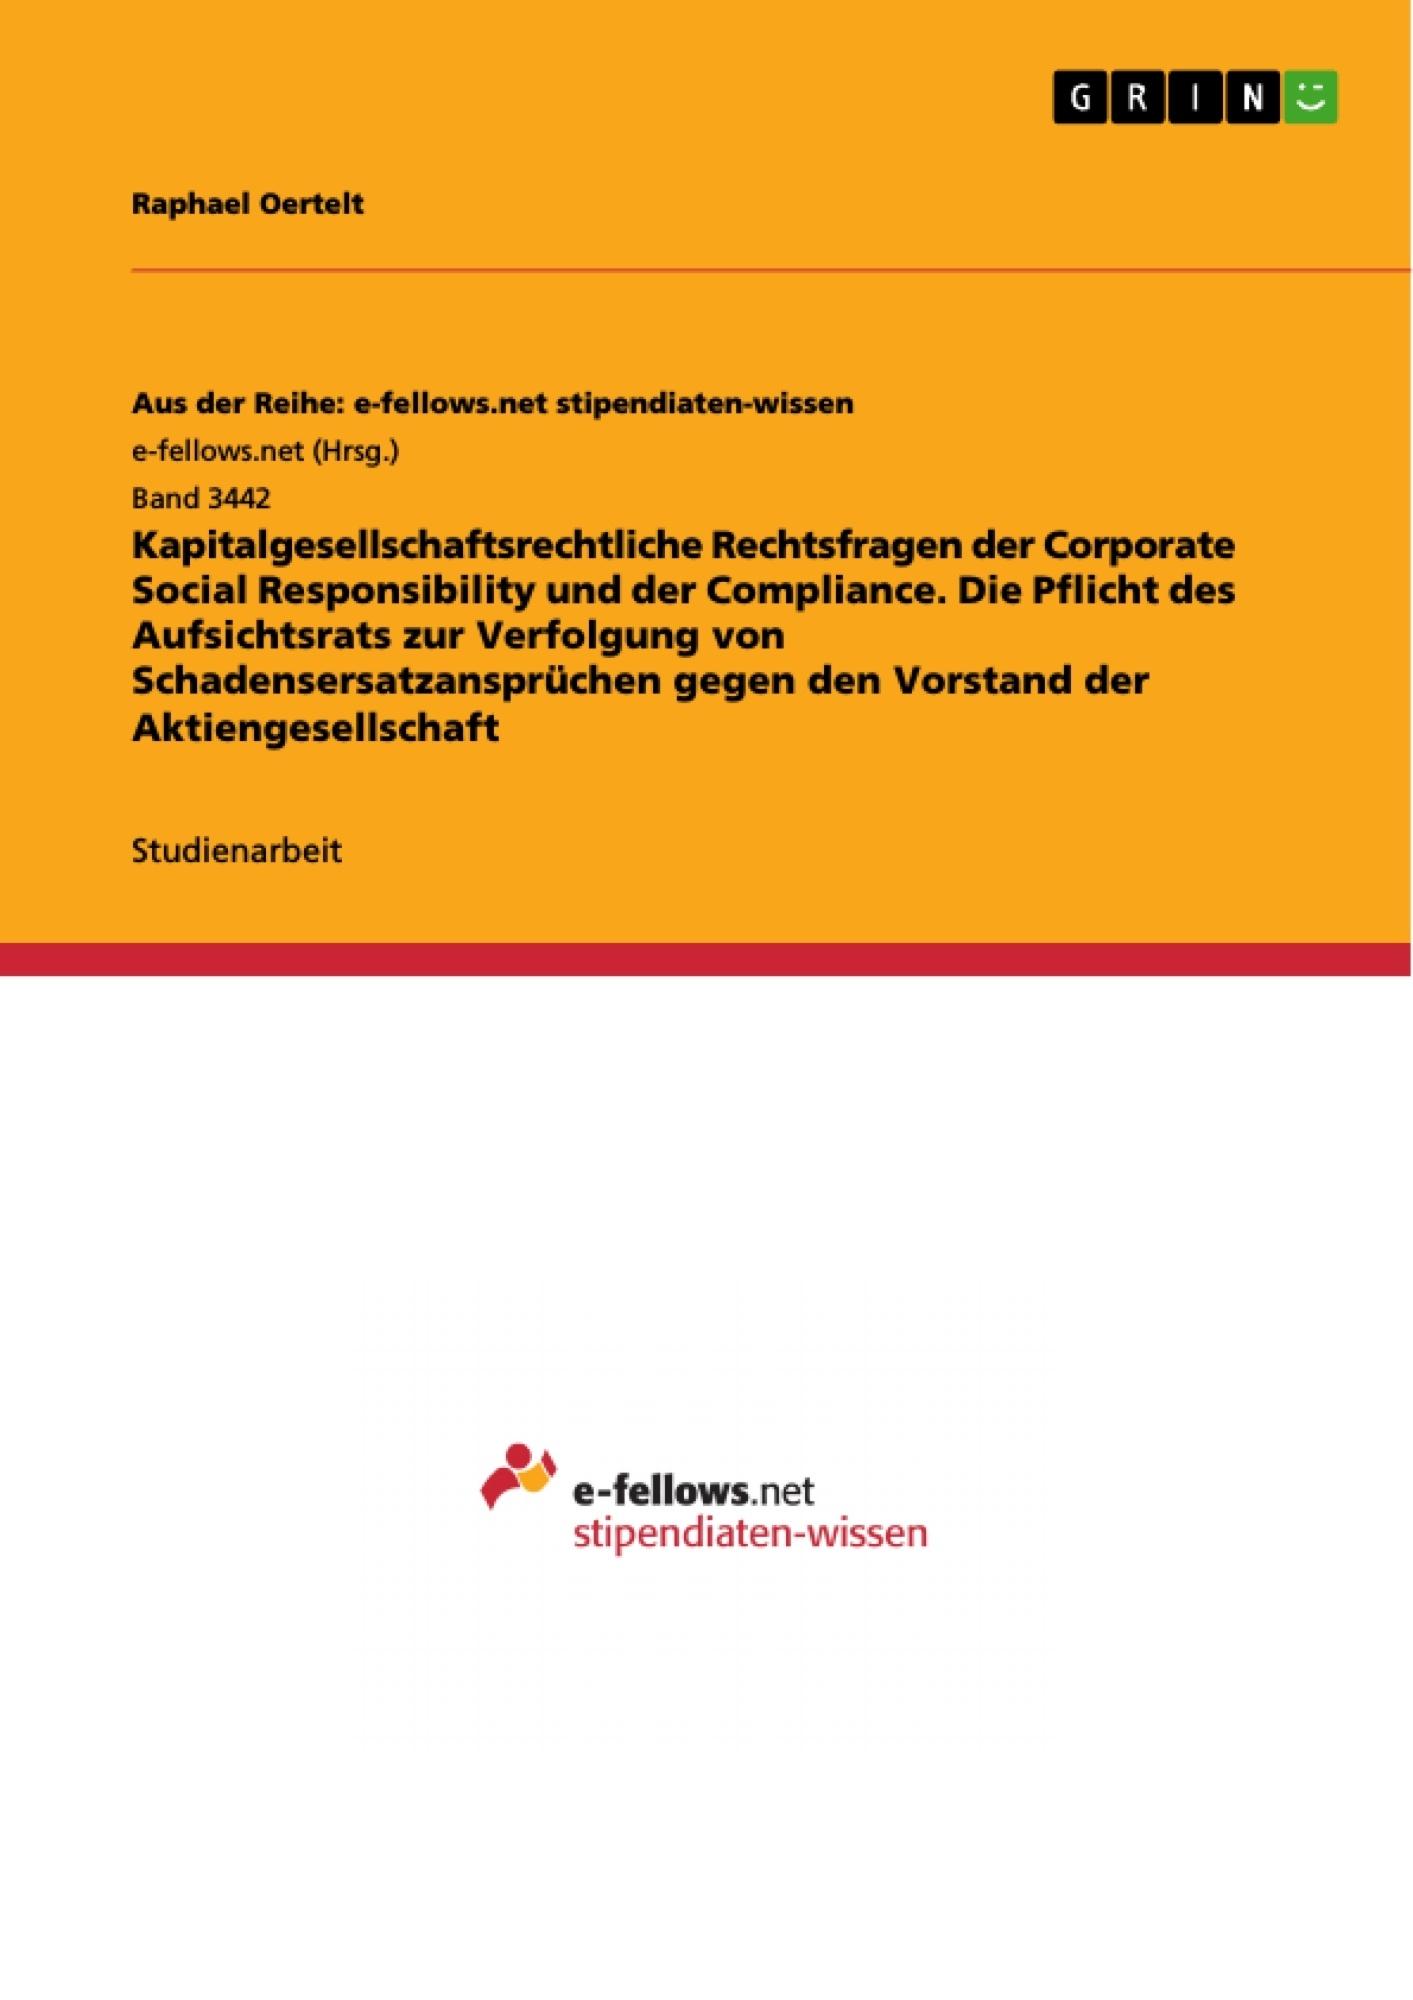 Titel: Kapitalgesellschaftsrechtliche Rechtsfragen der Corporate Social Responsibility und der Compliance. Die Pflicht des Aufsichtsrats zur Verfolgung von Schadensersatzansprüchen gegen den Vorstand der Aktiengesellschaft